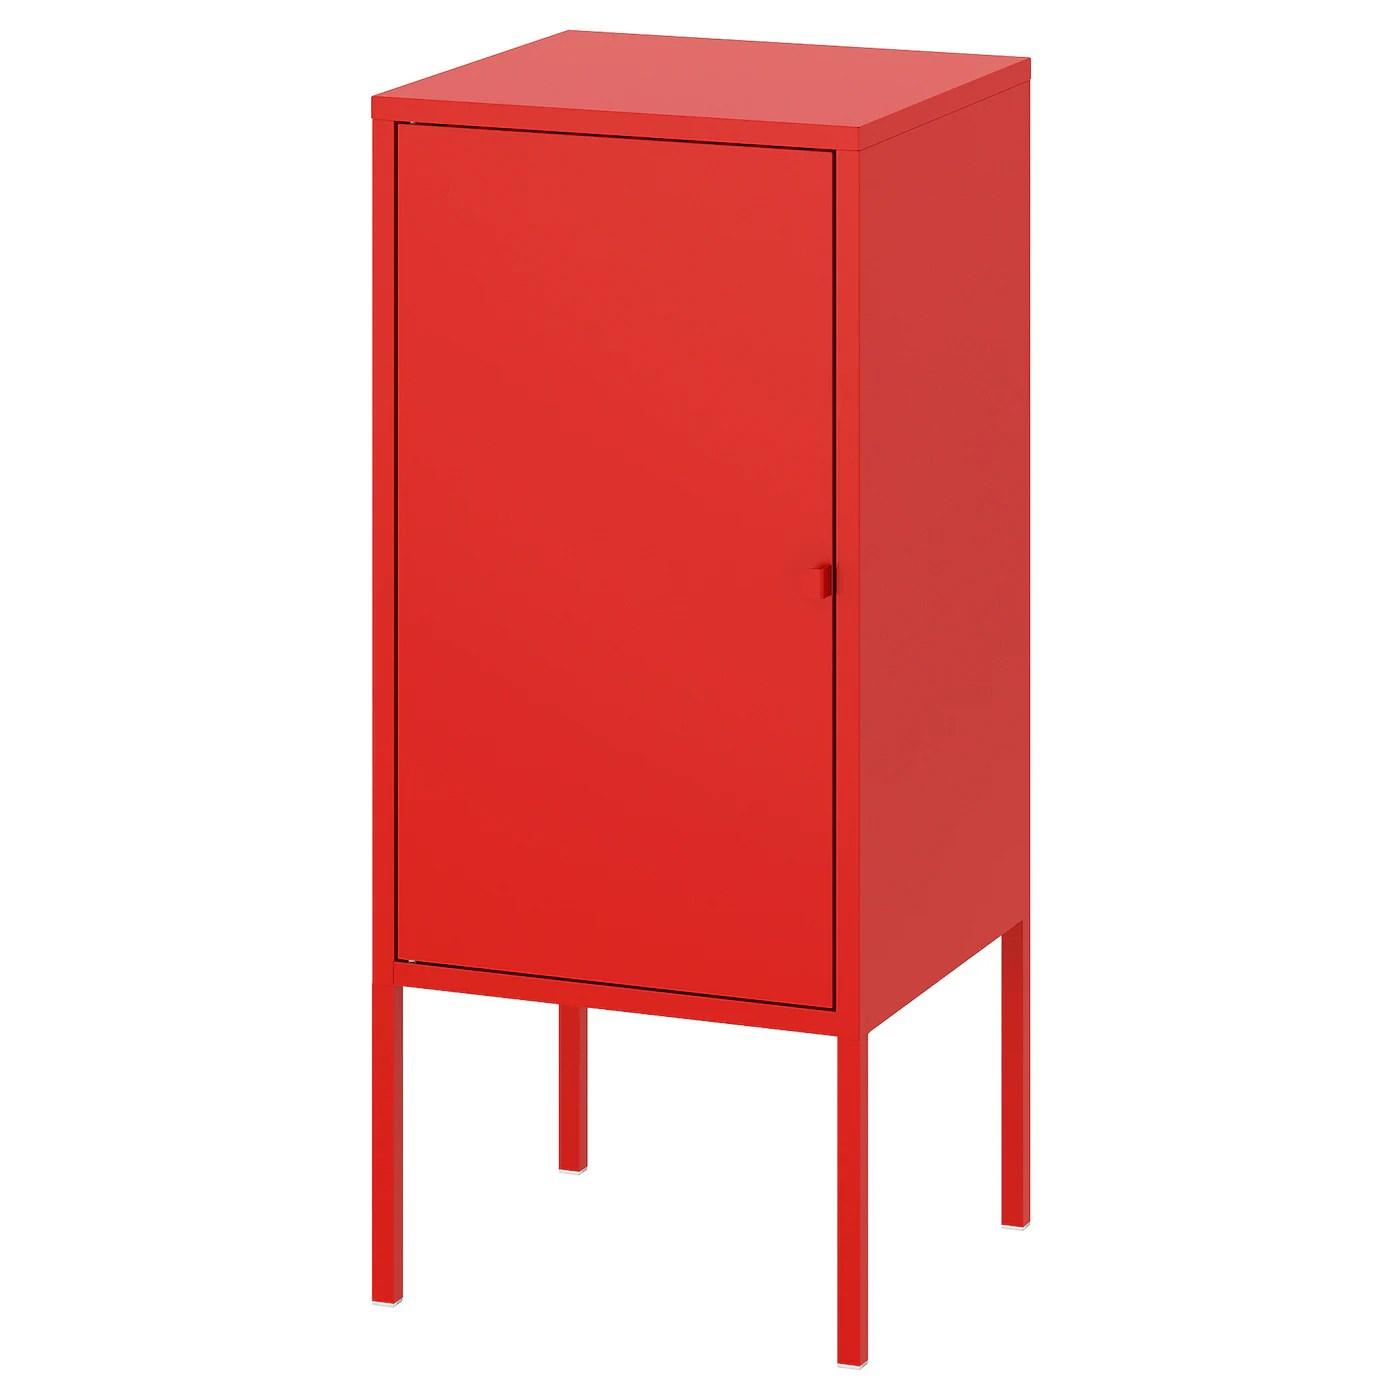 Lixhult Skab Metal Rod 35x60 Cm Ikea